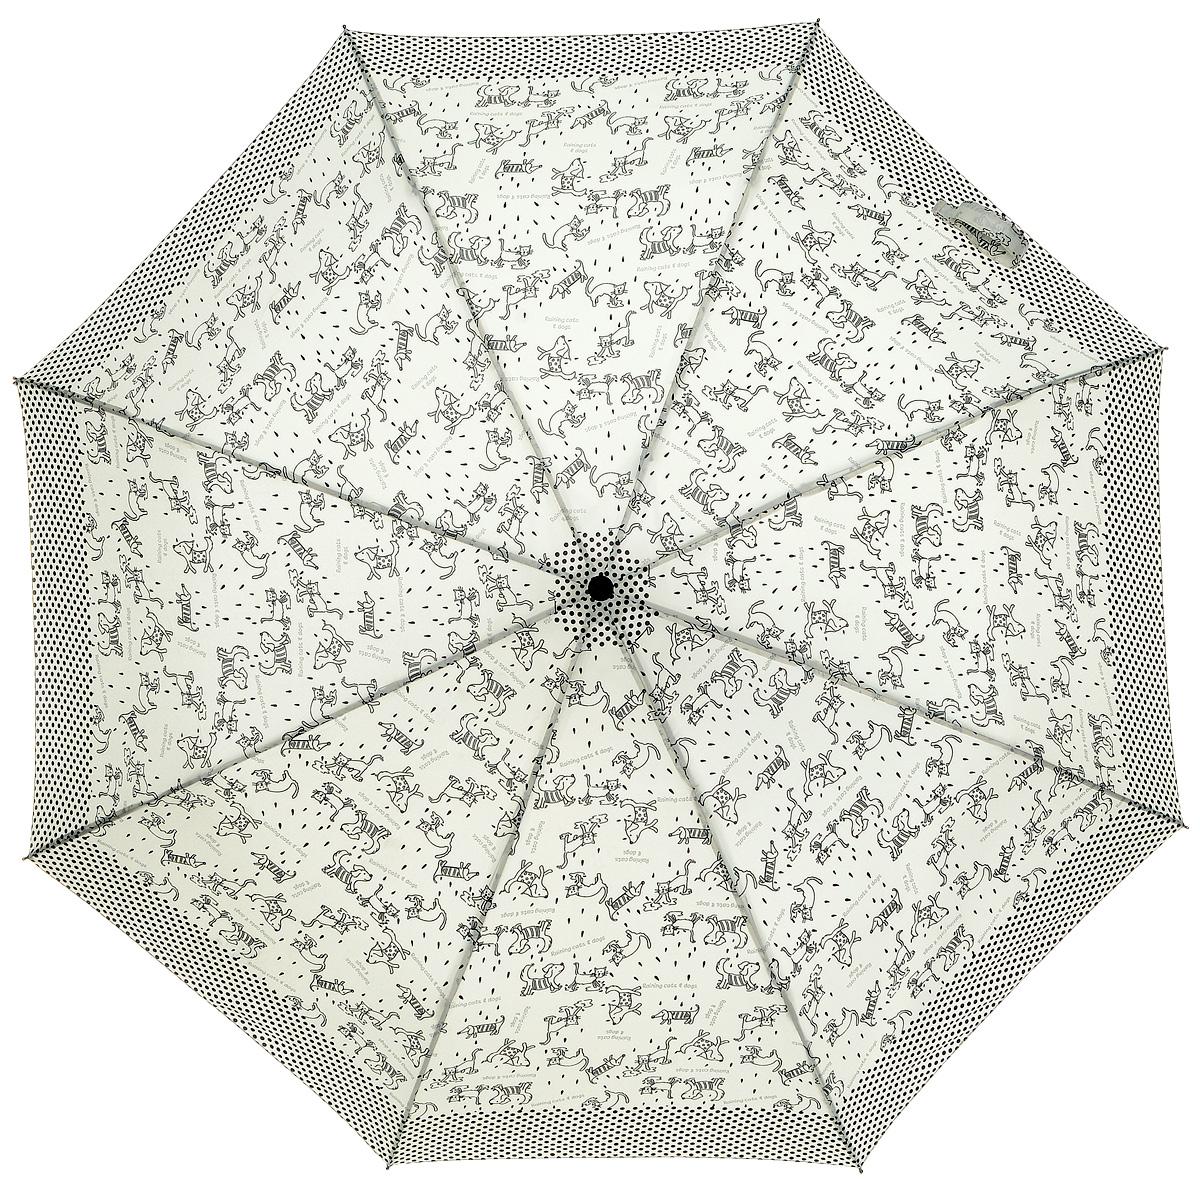 Зонт женский Labbra, автомат, 3 сложения, цвет: молочный, черный. A3-05-010A3-05-010Яркий зонт Labbra не оставит вас незамеченной. Зонт оформлен рисунком в виде очаровательных животных. Зонт состоит из восьми спиц и стержня, изготовленных из стали и фибергласса. Зонт дополнен удобной ручкой из пластика. Купол выполнен из качественного эпонжа, который не пропускает воду. Зонт имеет автоматический механизм сложения: купол открывается и закрывается нажатием кнопки на ручке, стержень складывается вручную до характерного щелчка, благодаря чему открыть и закрыть зонт можно одной рукой Ручка дополнена петлей, благодаря которой зонт можно носить на запястье. К зонту прилагается чехол. Удобный и практичный аксессуар даже в ненастную погоду позволит вам оставаться стильной и элегантной.